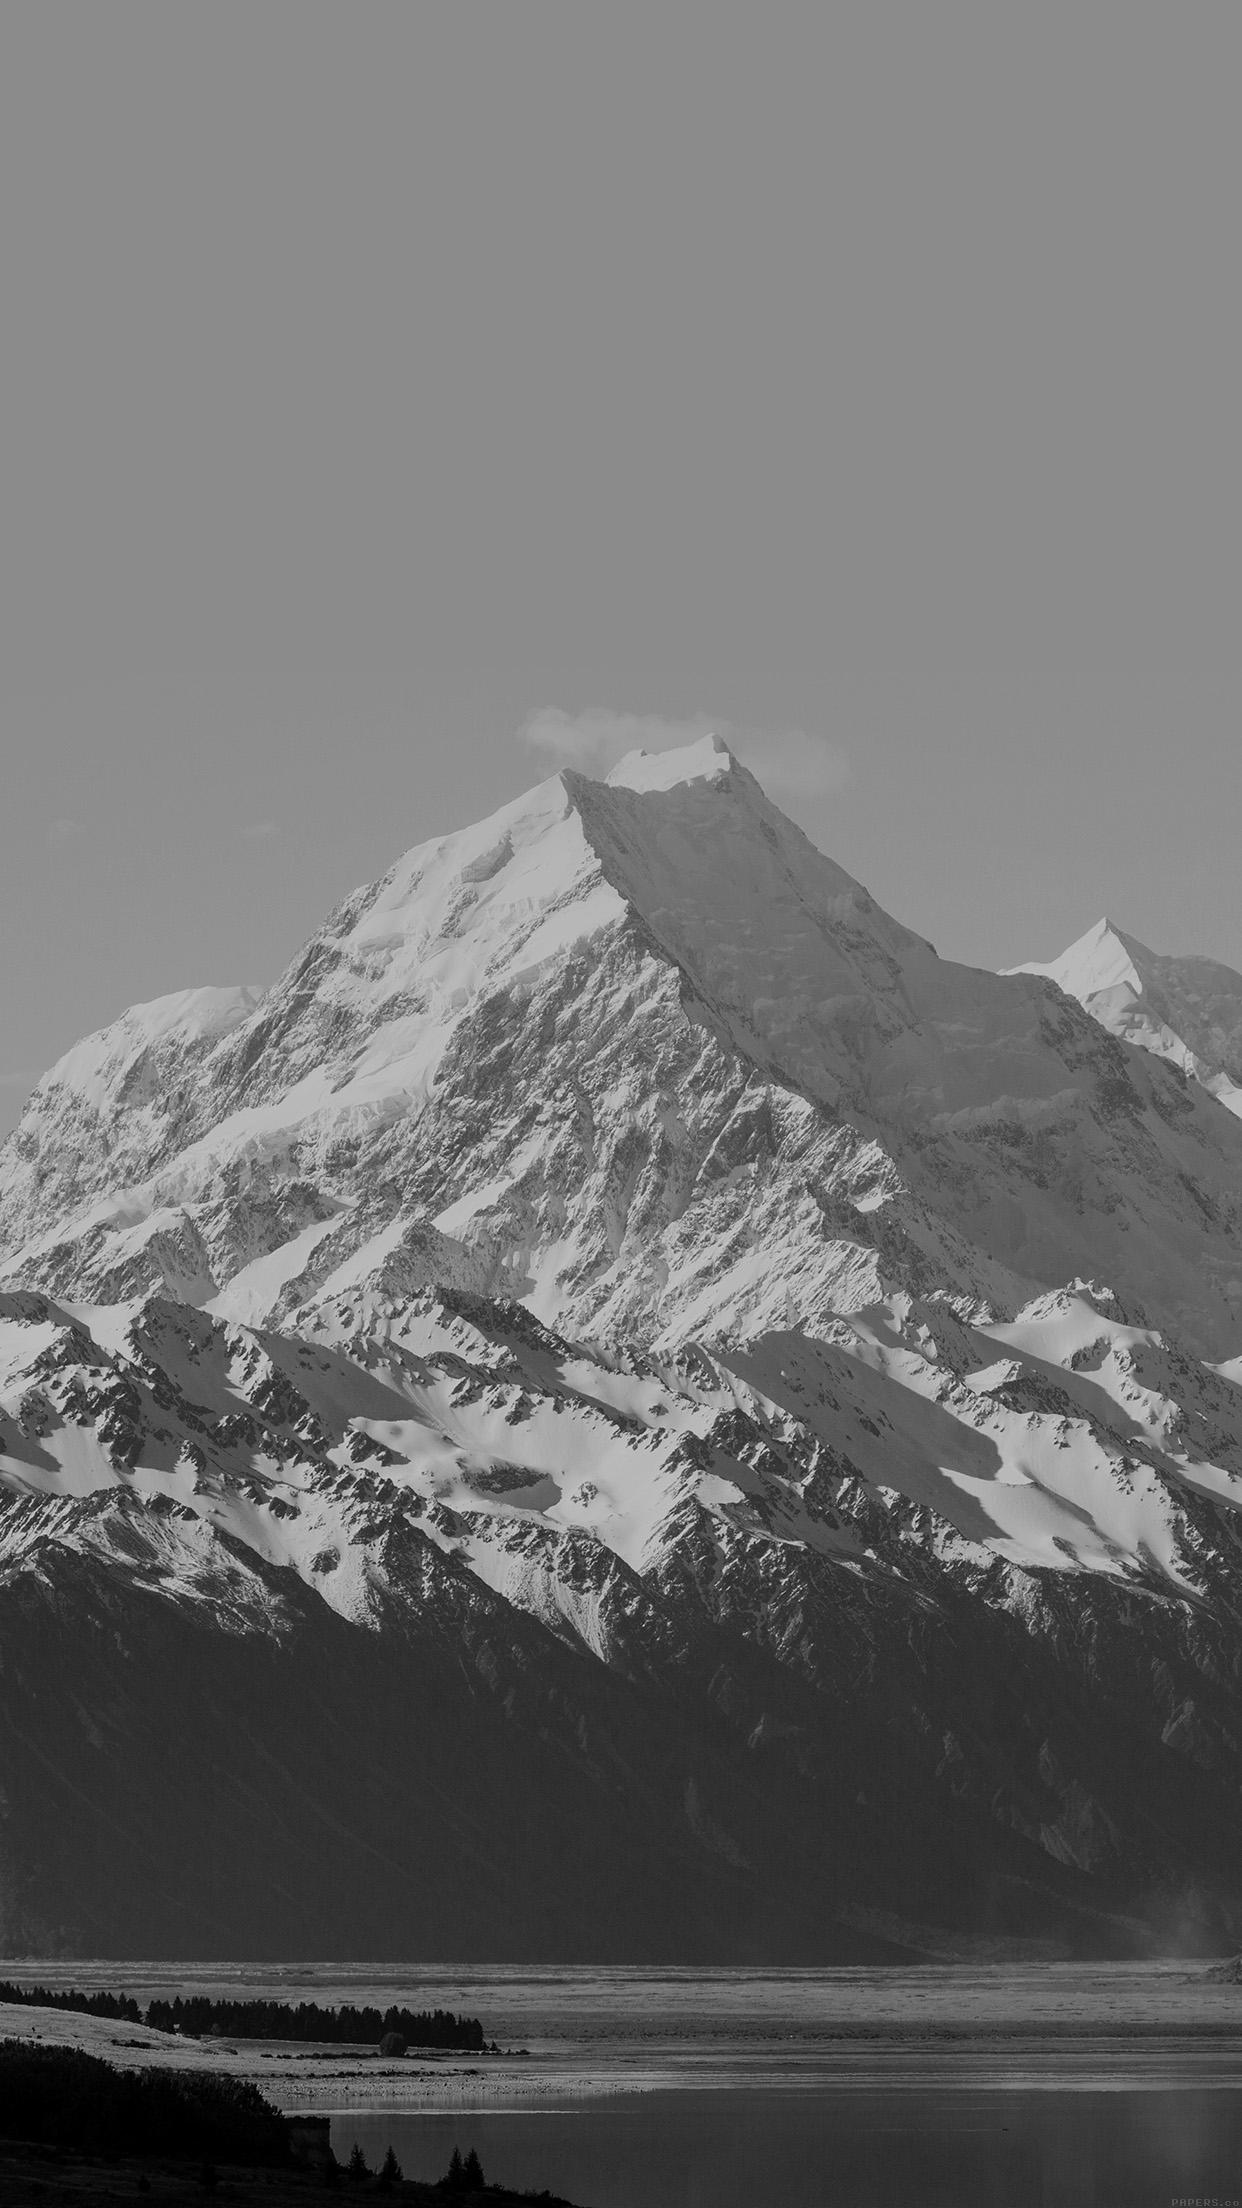 mm64-mountain-snow-lake-dark-bw-nature ...